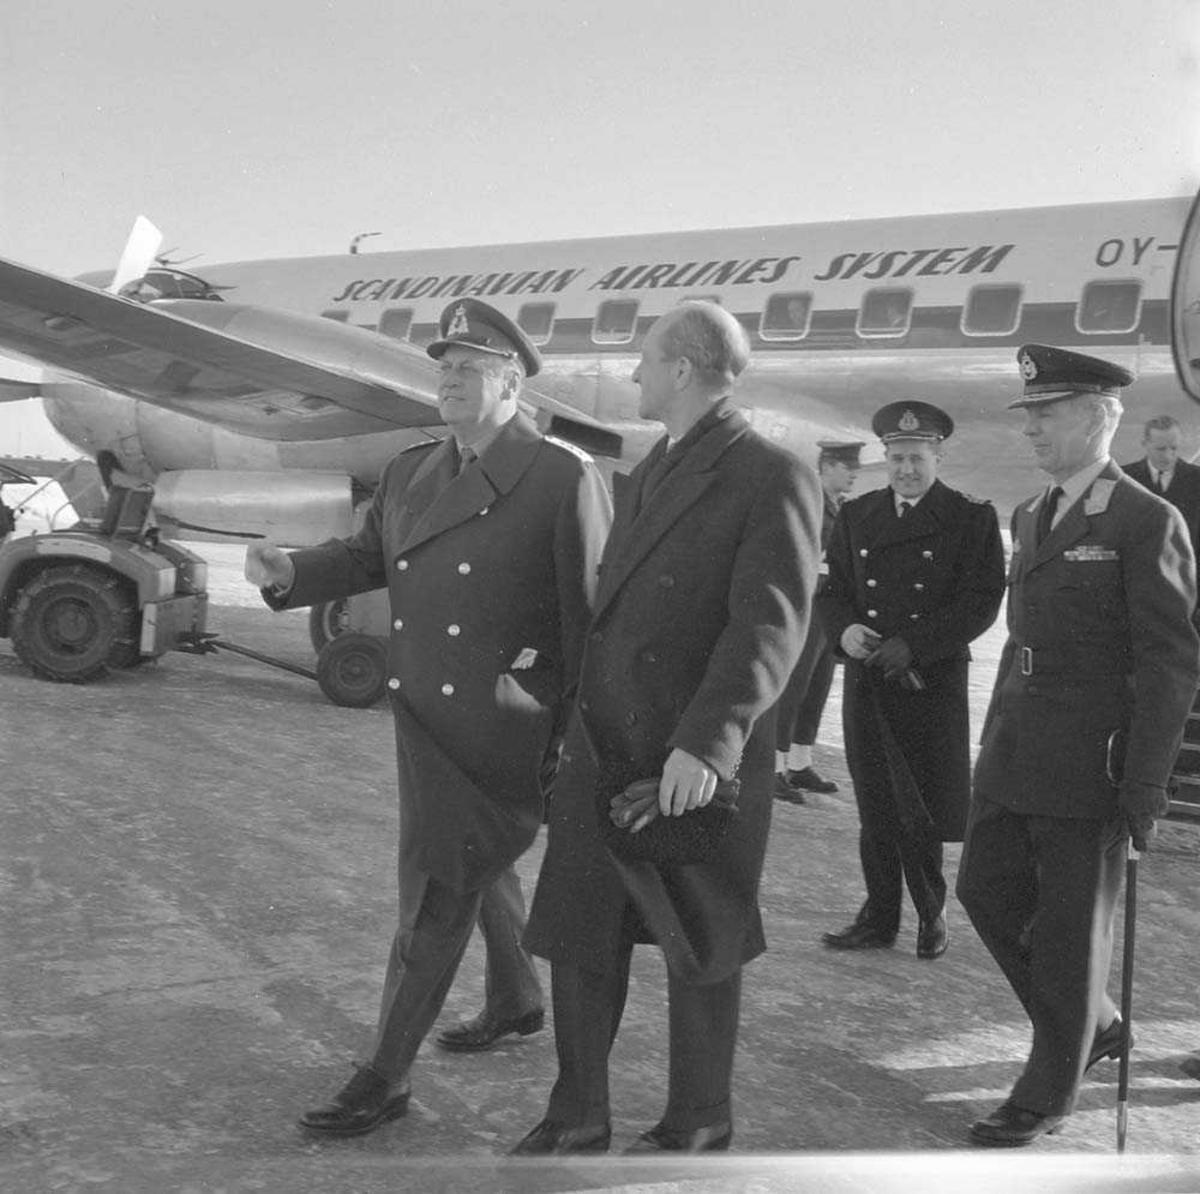 H.M. Kong Olav V besøker Bodø flystasjon før han drar videre til Bardufoss flystasjon. Flyet i bakgrunnen er en Convair Metropolitan 440.